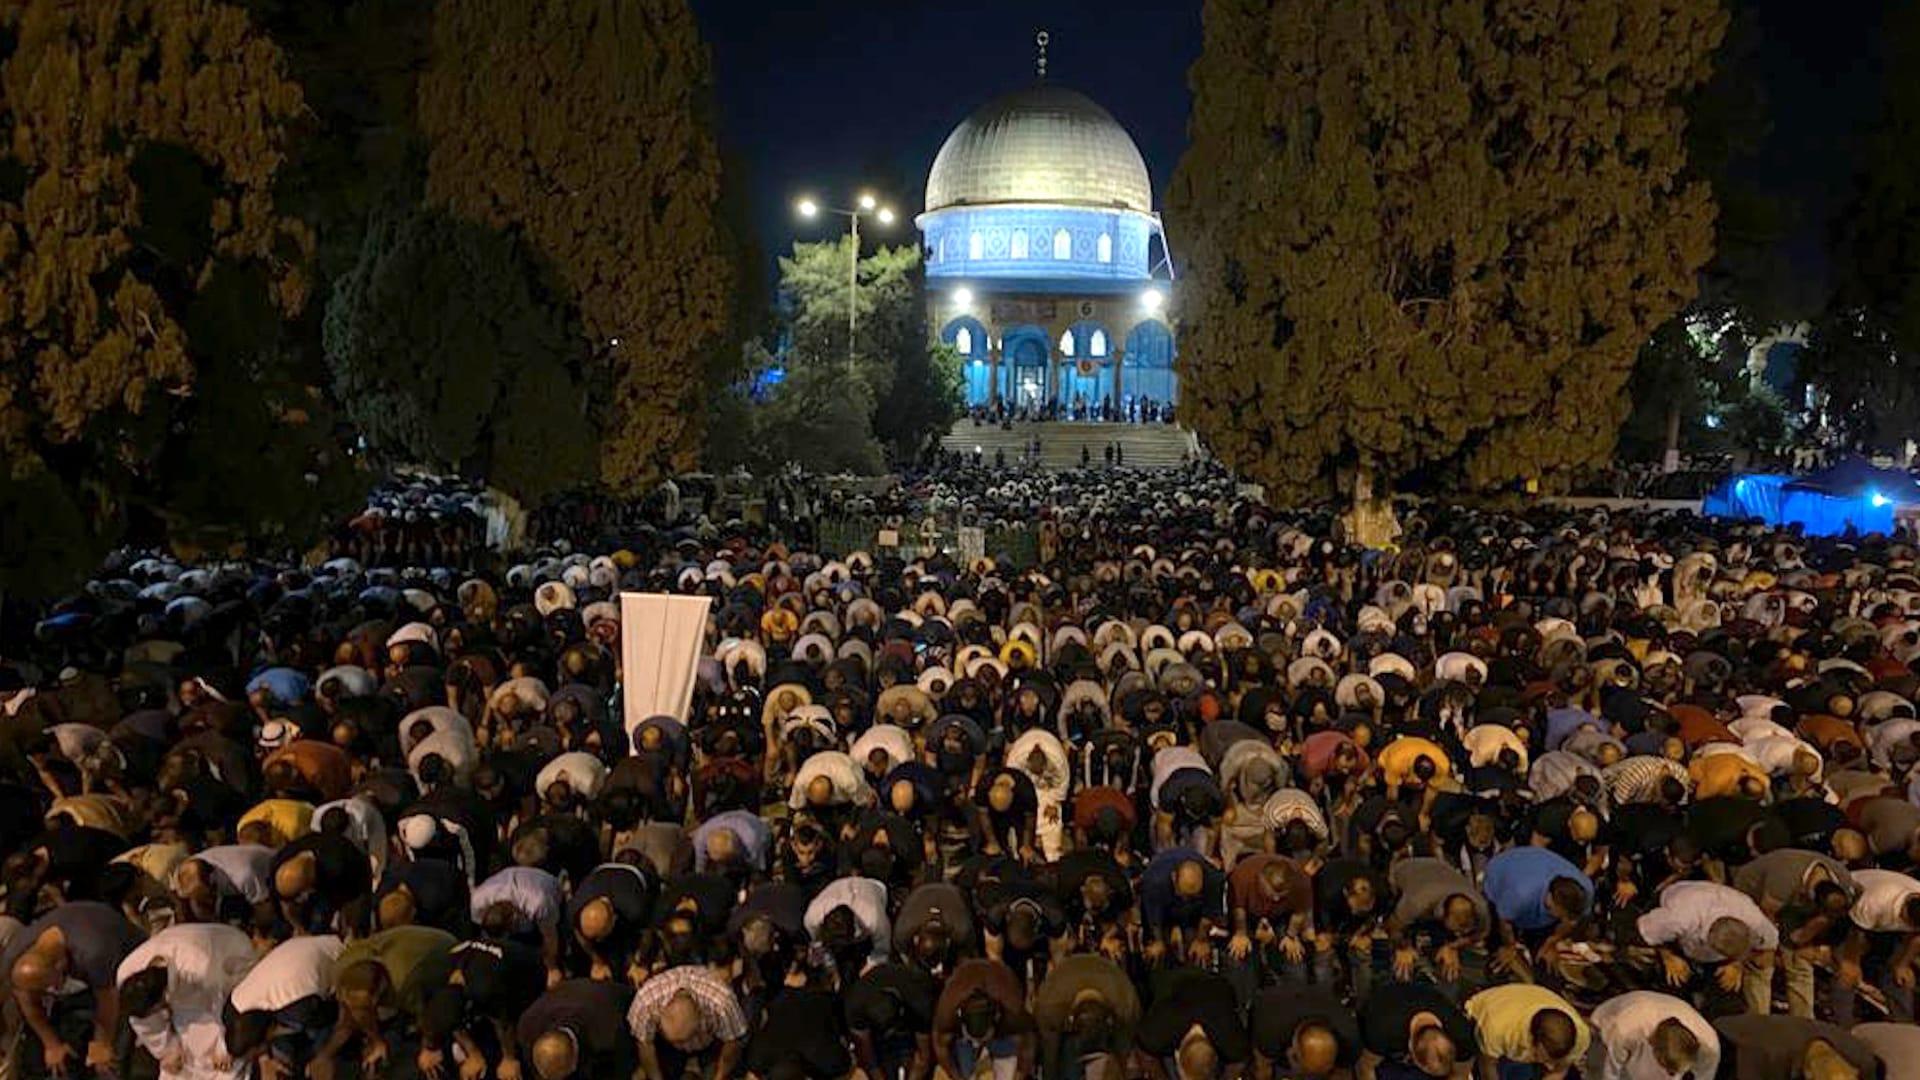 فلسطينيون يصلون في باحات المسجد الأقصى بليلة القدر - تصوير فراس دبس